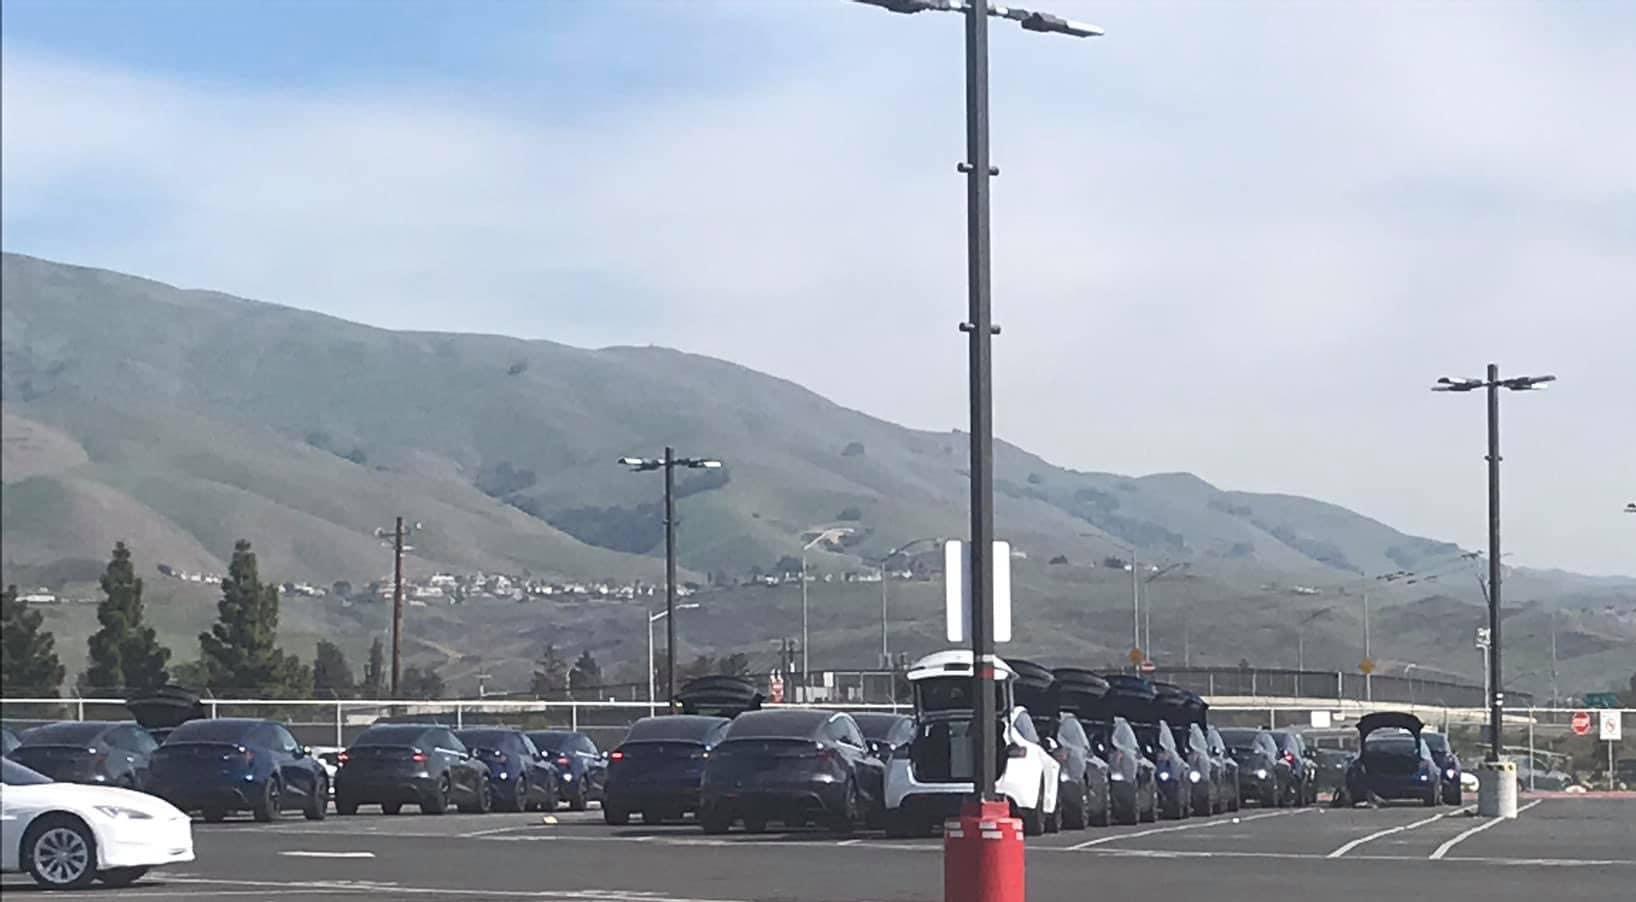 Tesla Model Y SUVs stockpiling at Tesla's Fremont car factory.